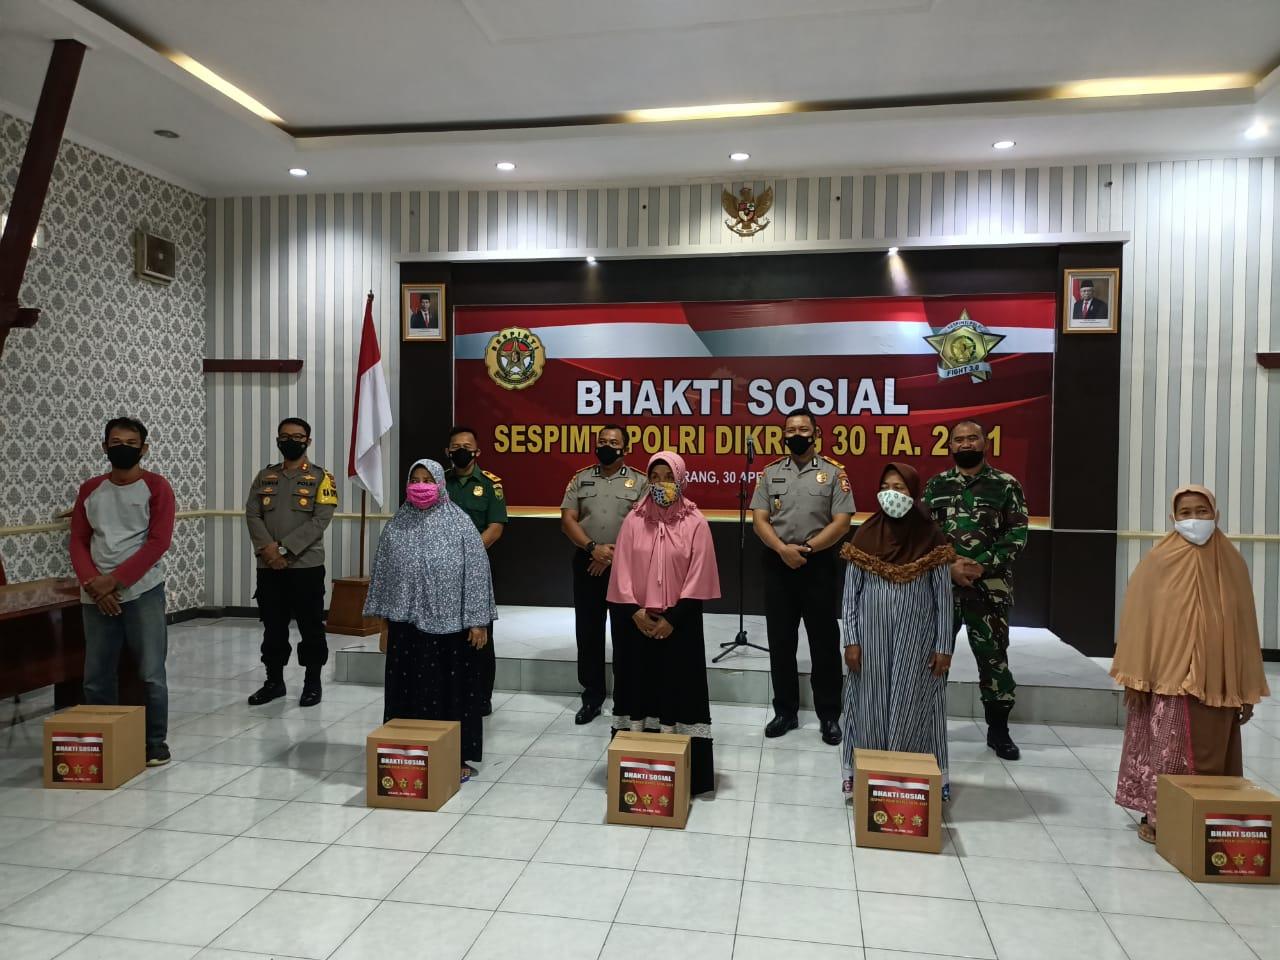 Serdik Sespimti Dikreg 30 Bagikan 1000 Paket Sembako di Kota Serang